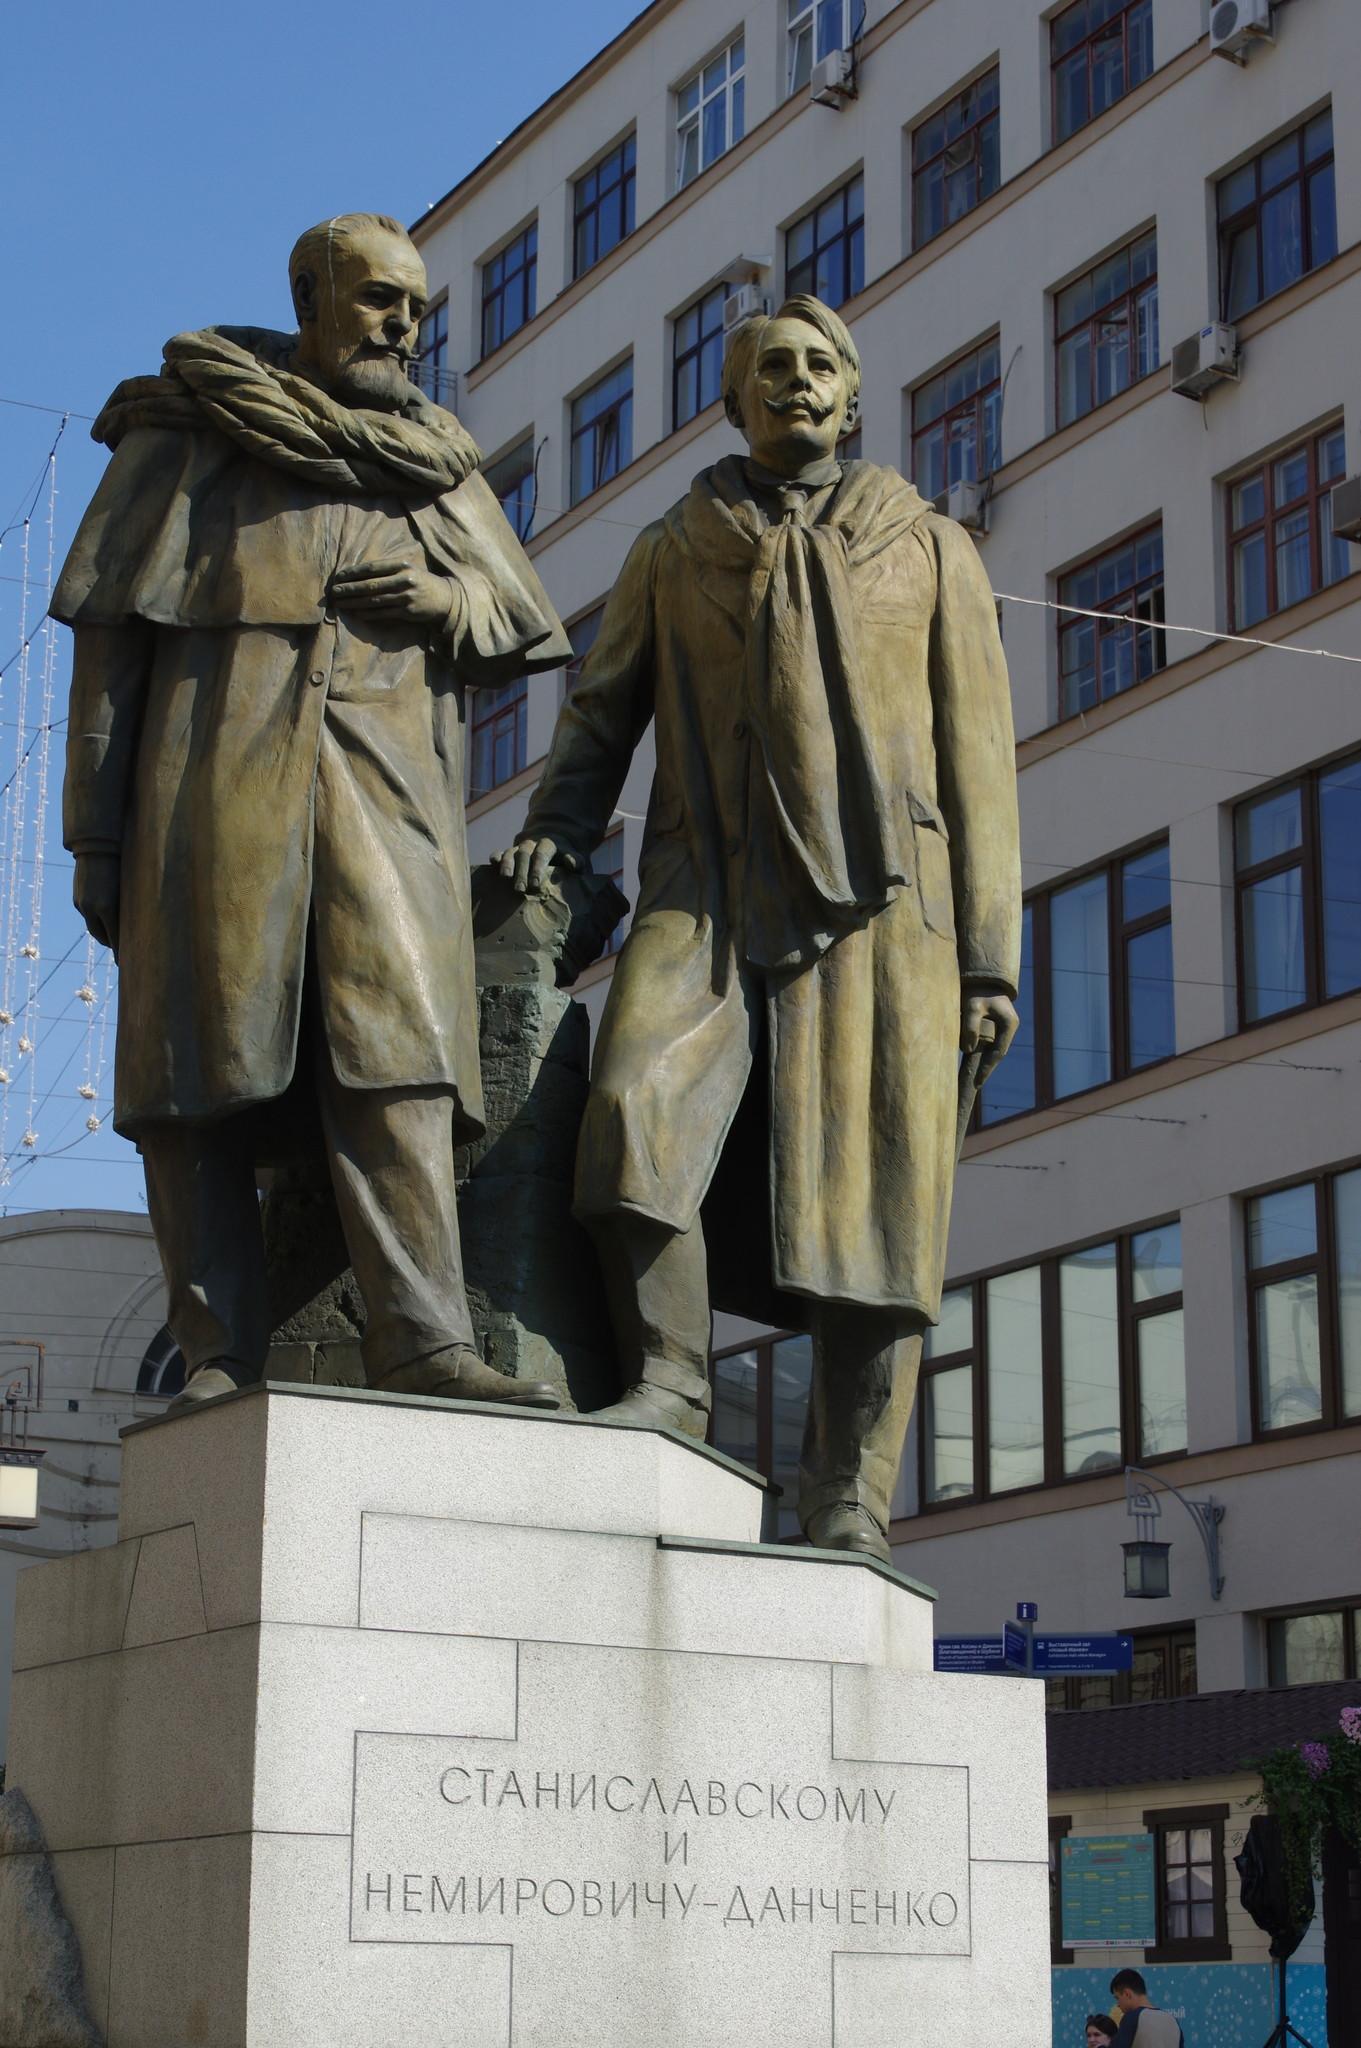 Памятник основателям МХТ им. А.П. Чехова К.С. Станиславскому и Вл.И. Немировичу-Данченко